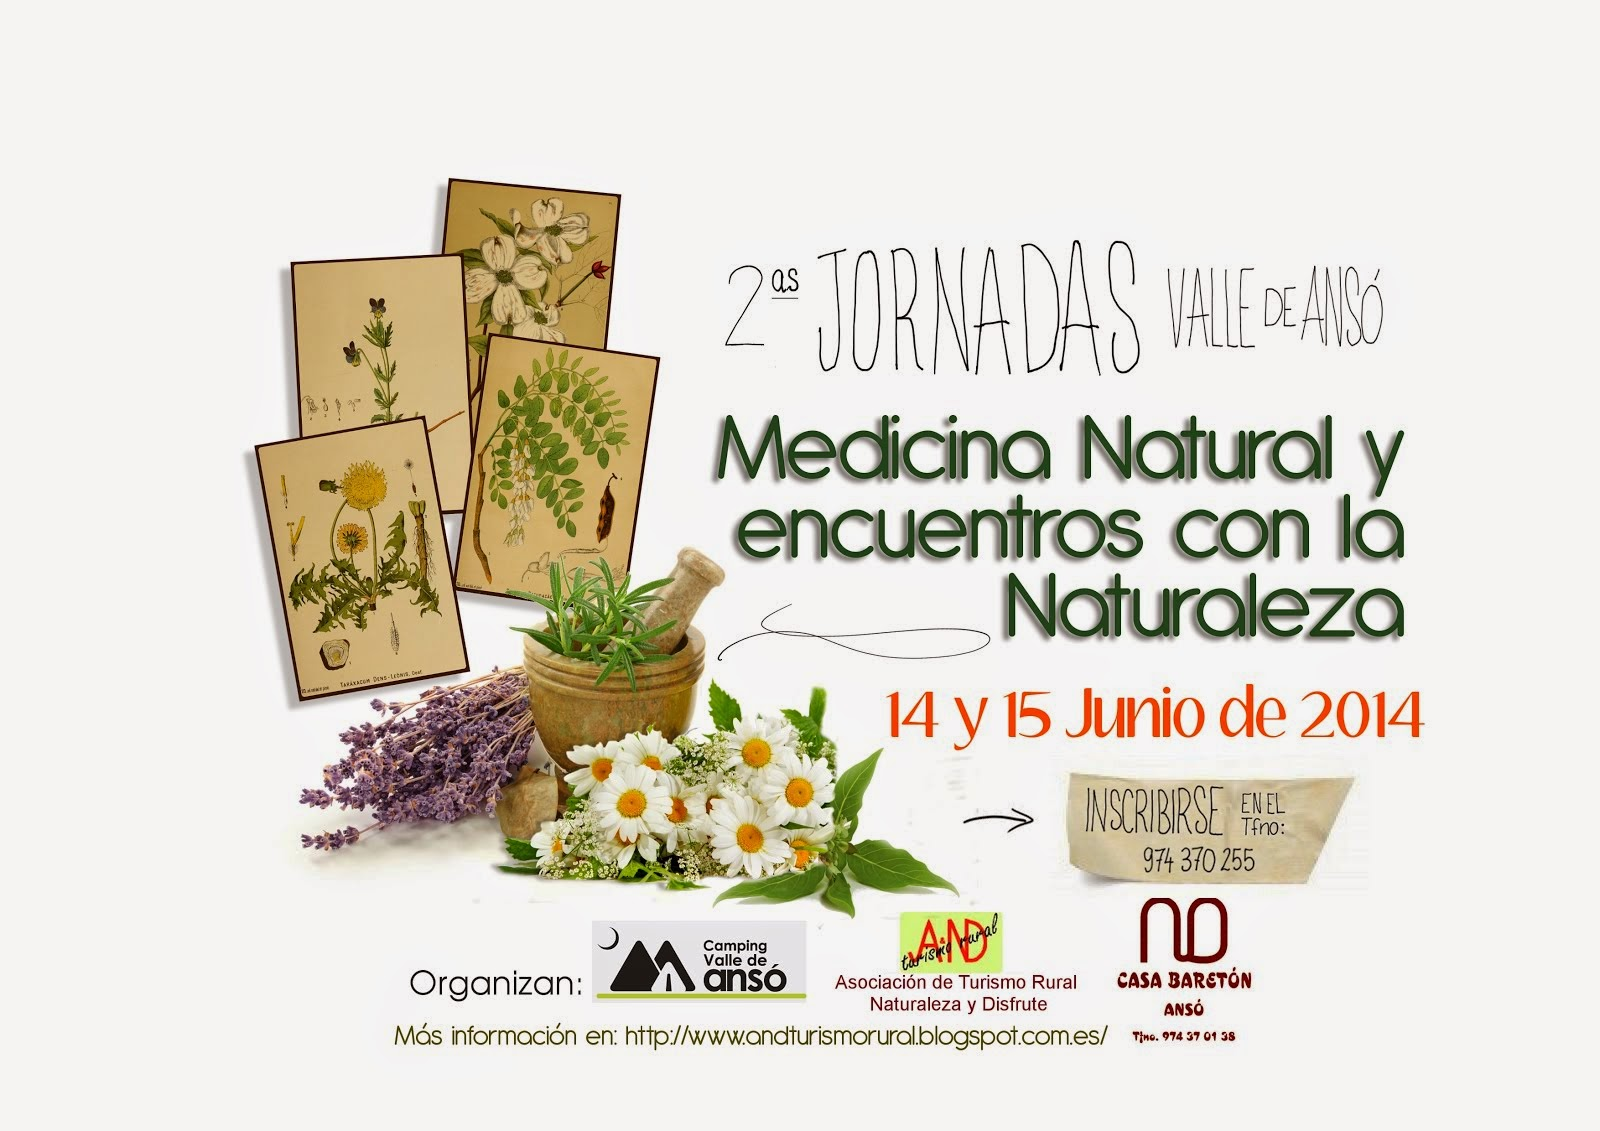 Jornadas de Medicina Natural